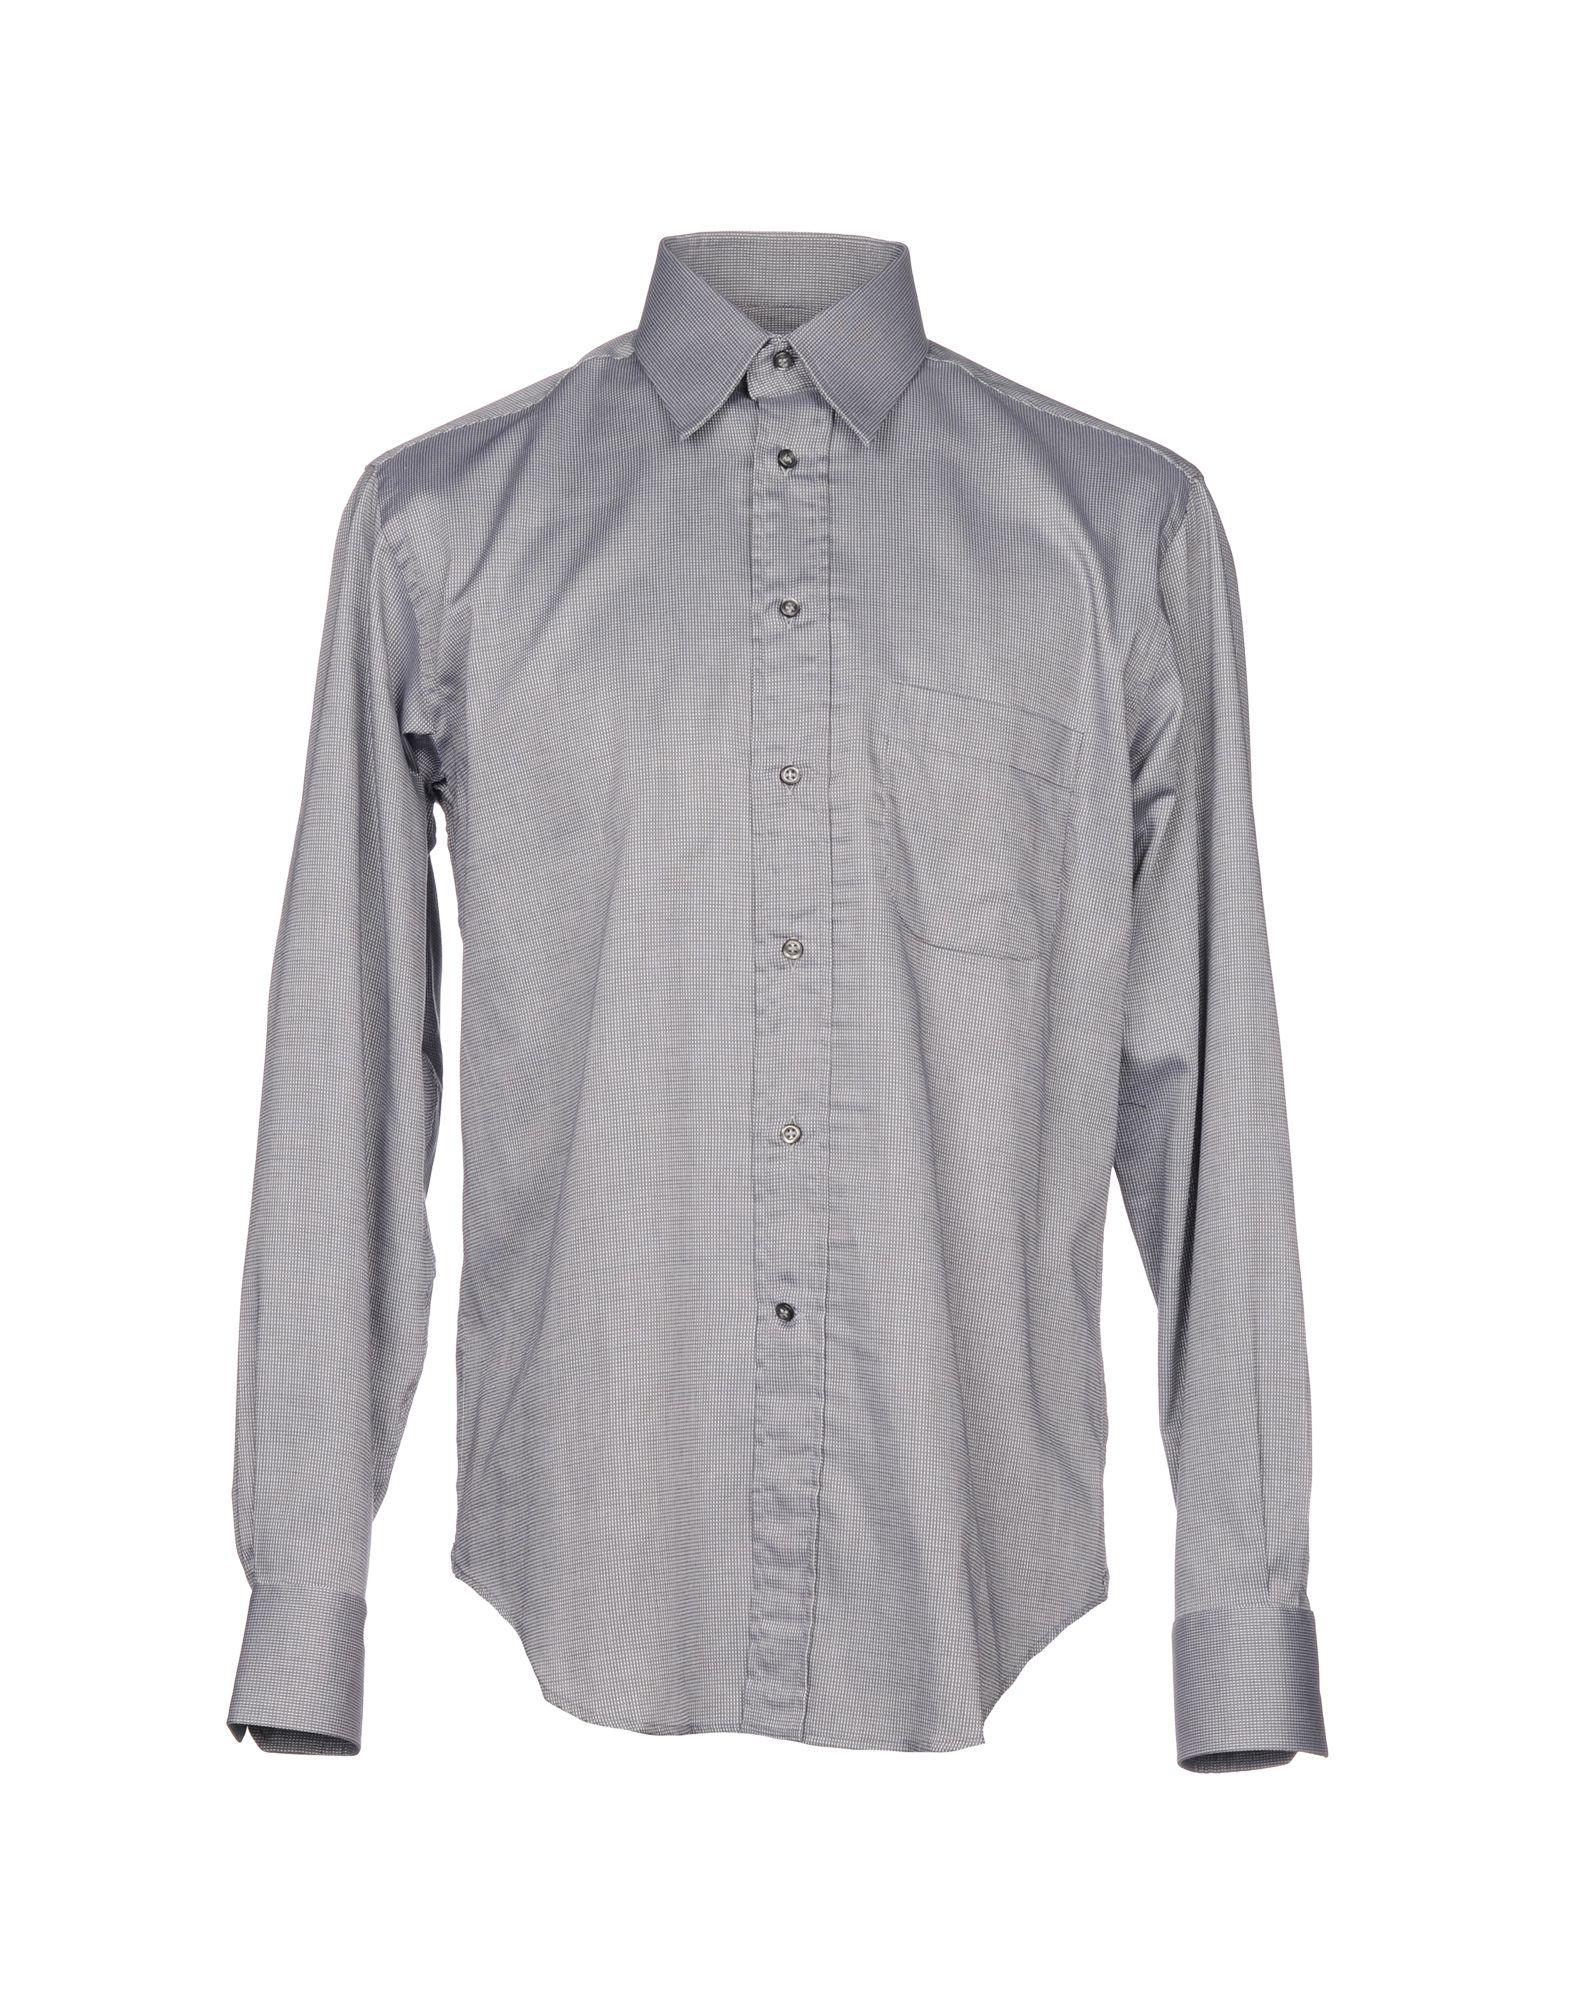 《送料無料》BAGUTTA メンズ シャツ グレー 40 コットン 100%